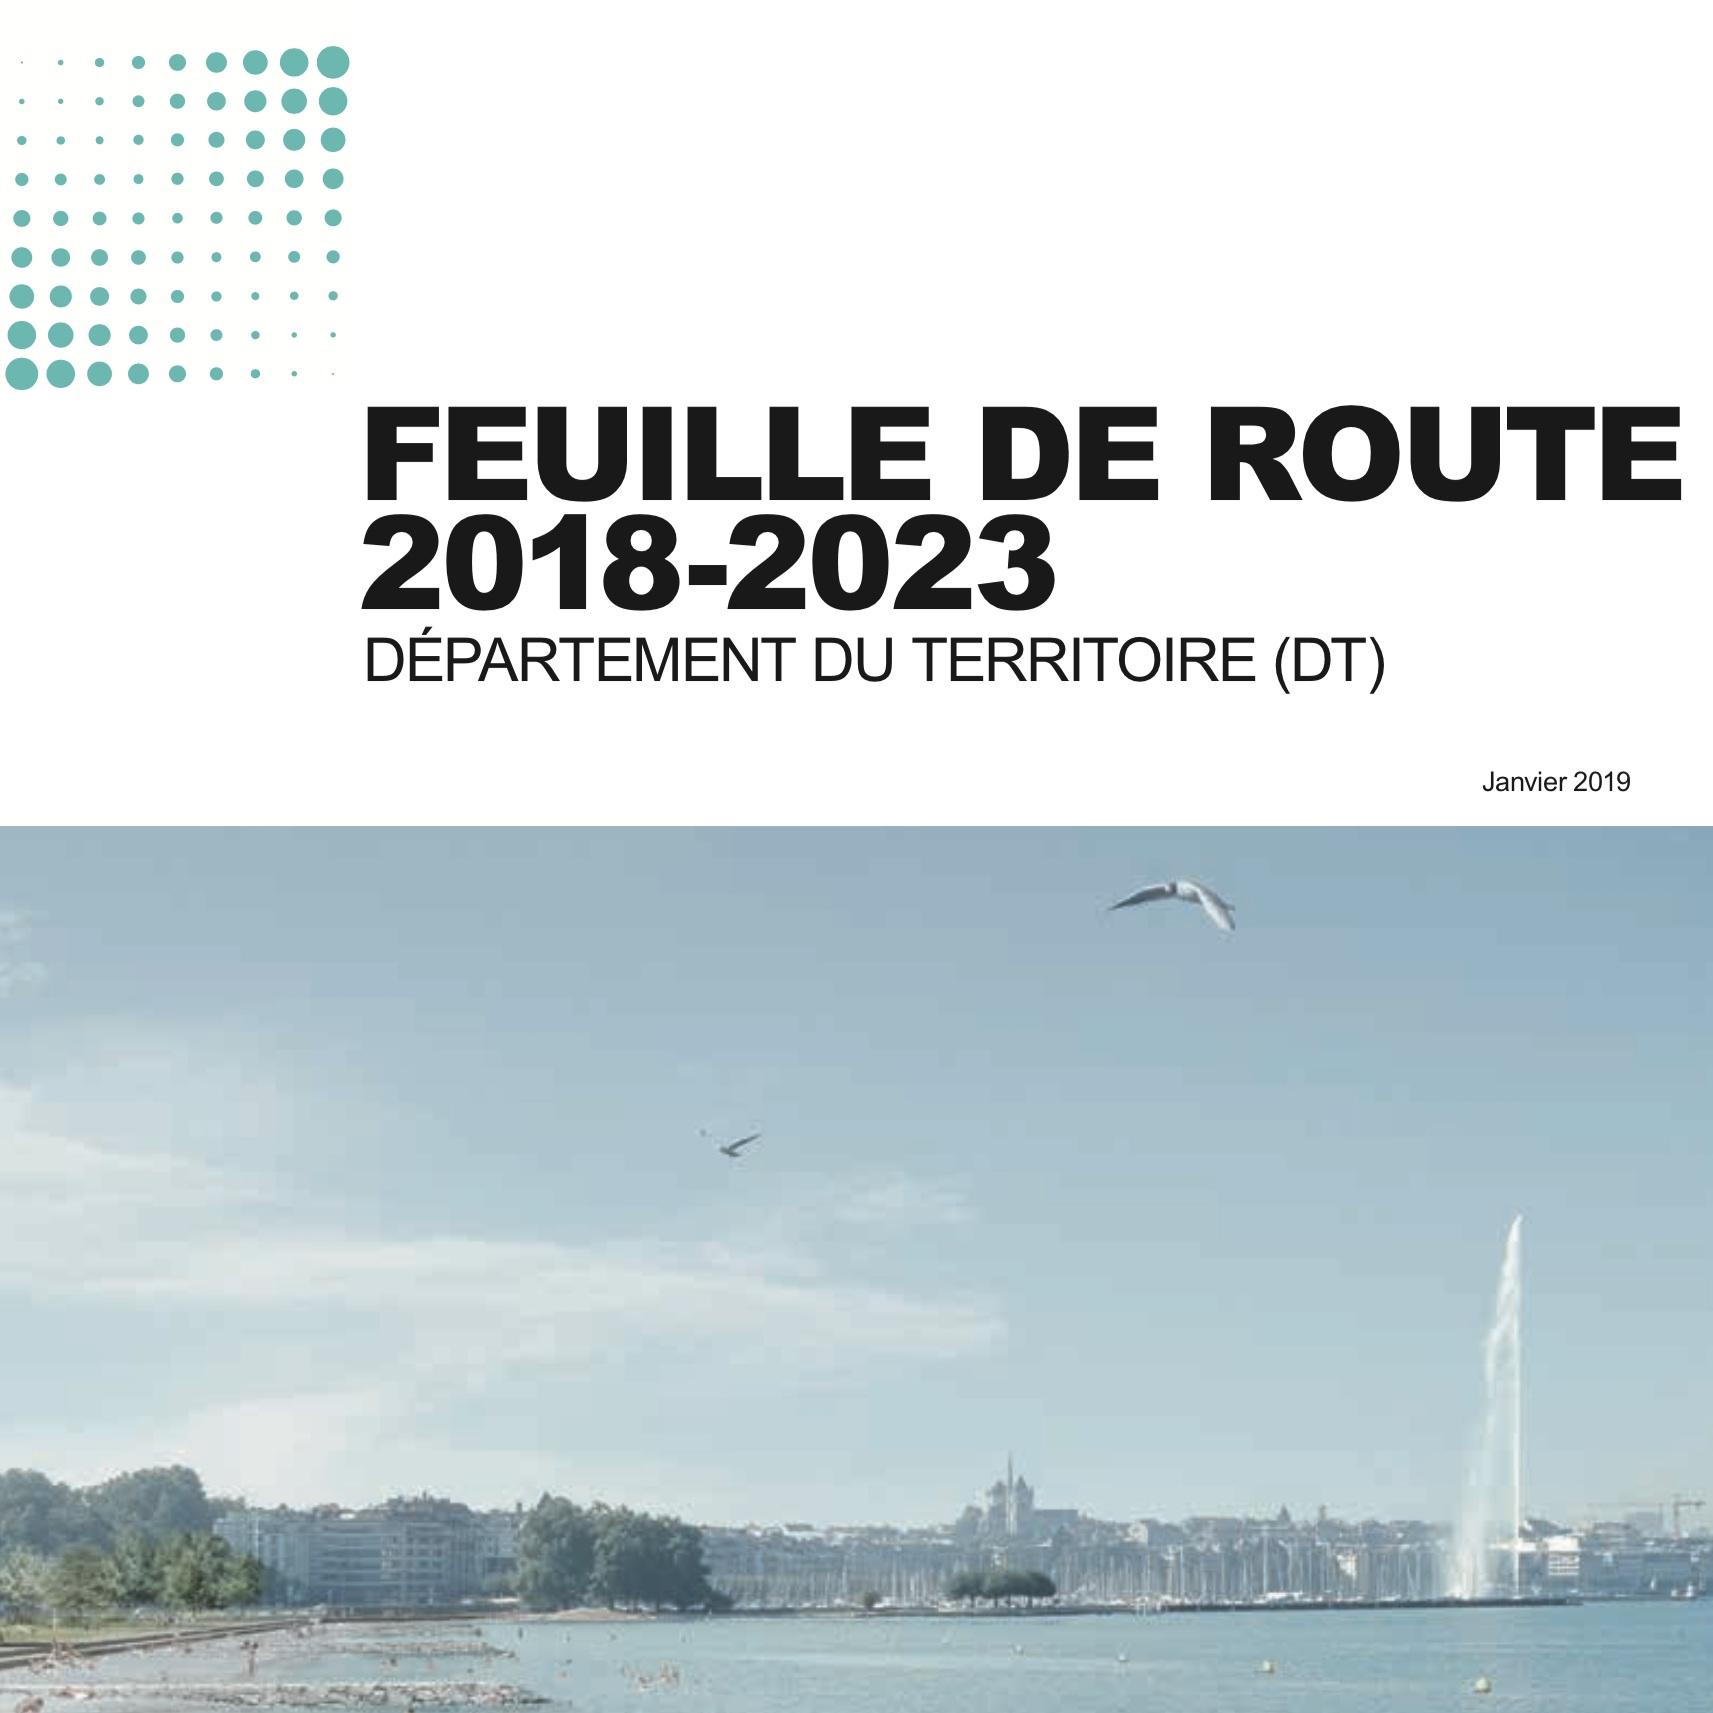 Feuille de route 2018-2023